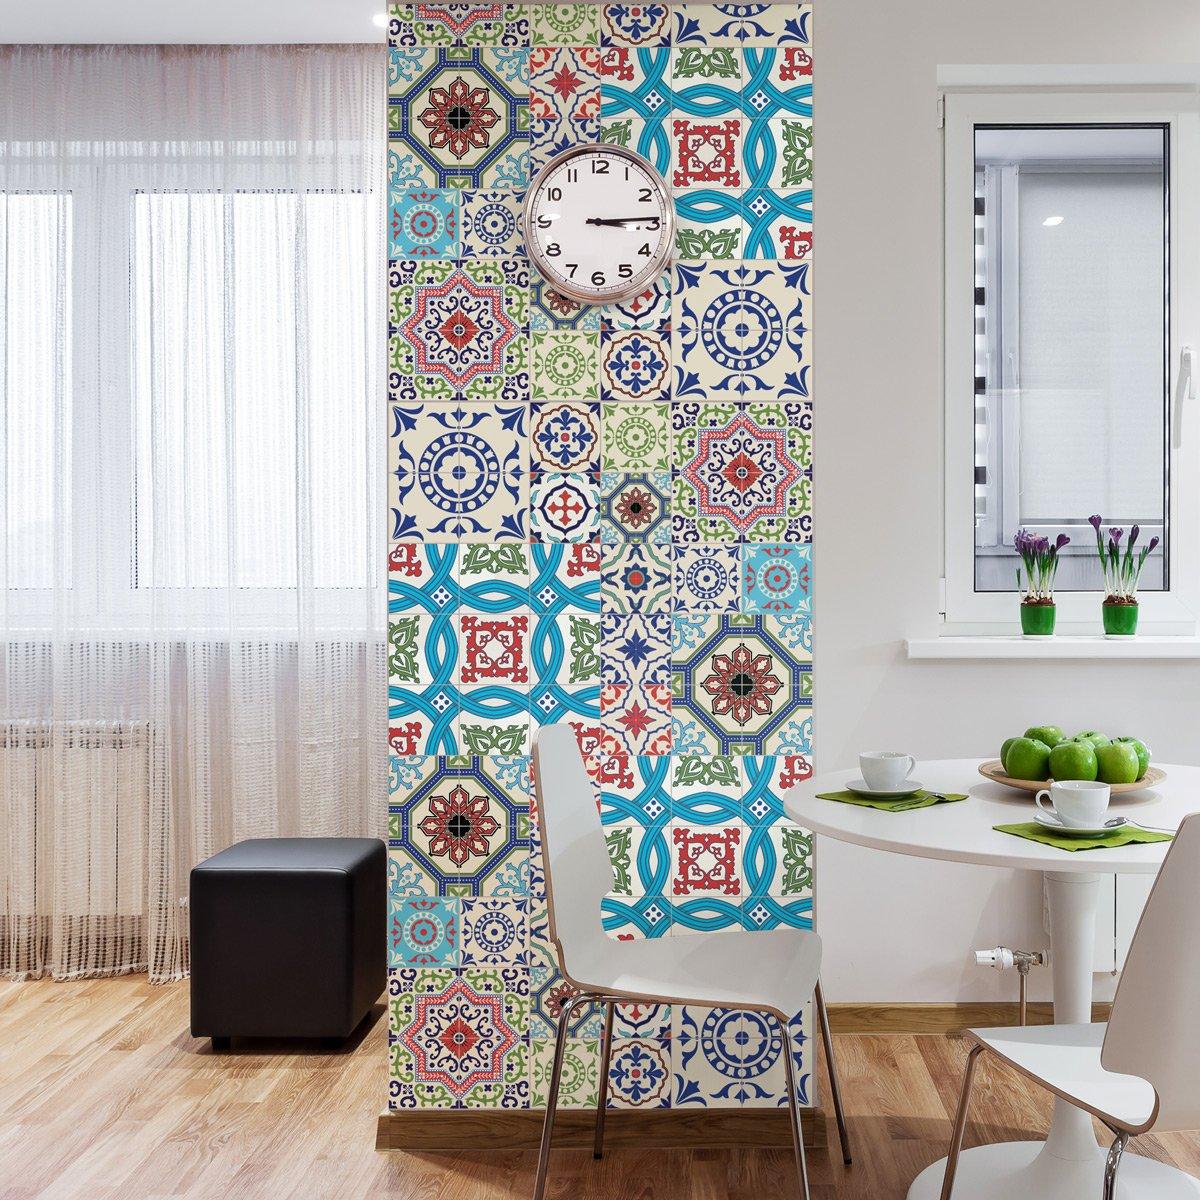 Stickers adhé sifs carrelages muraux azulejos - 20 x 20 cm - 30 piè ces Ambiance-Live col-RV-0380_20x20cm